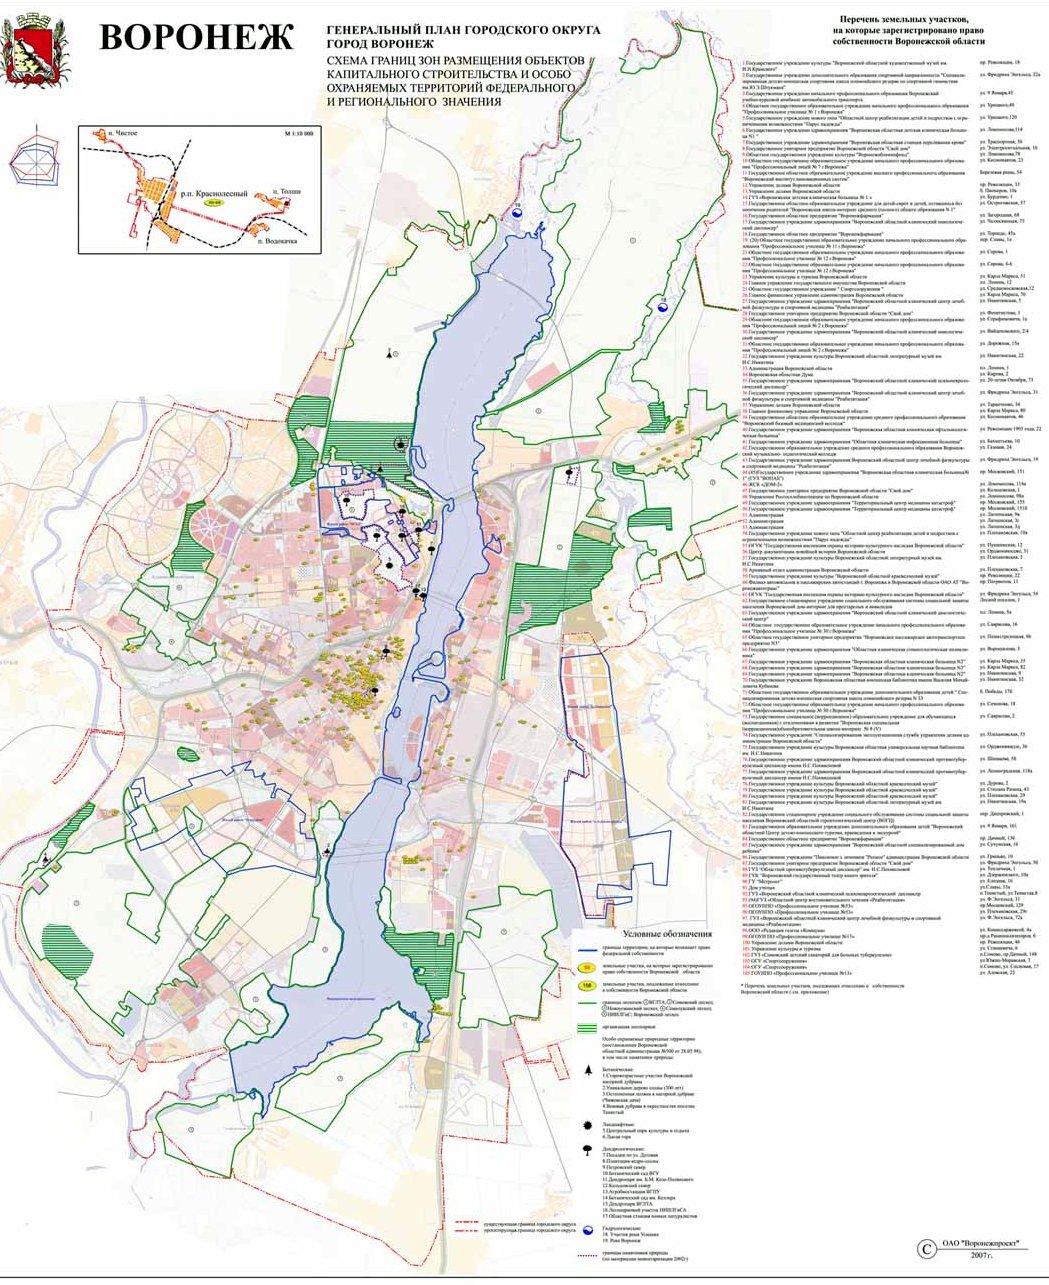 Схема границ зон размещения объектов капитального строительства и особо охраняемых территорий федерального и регионального значения